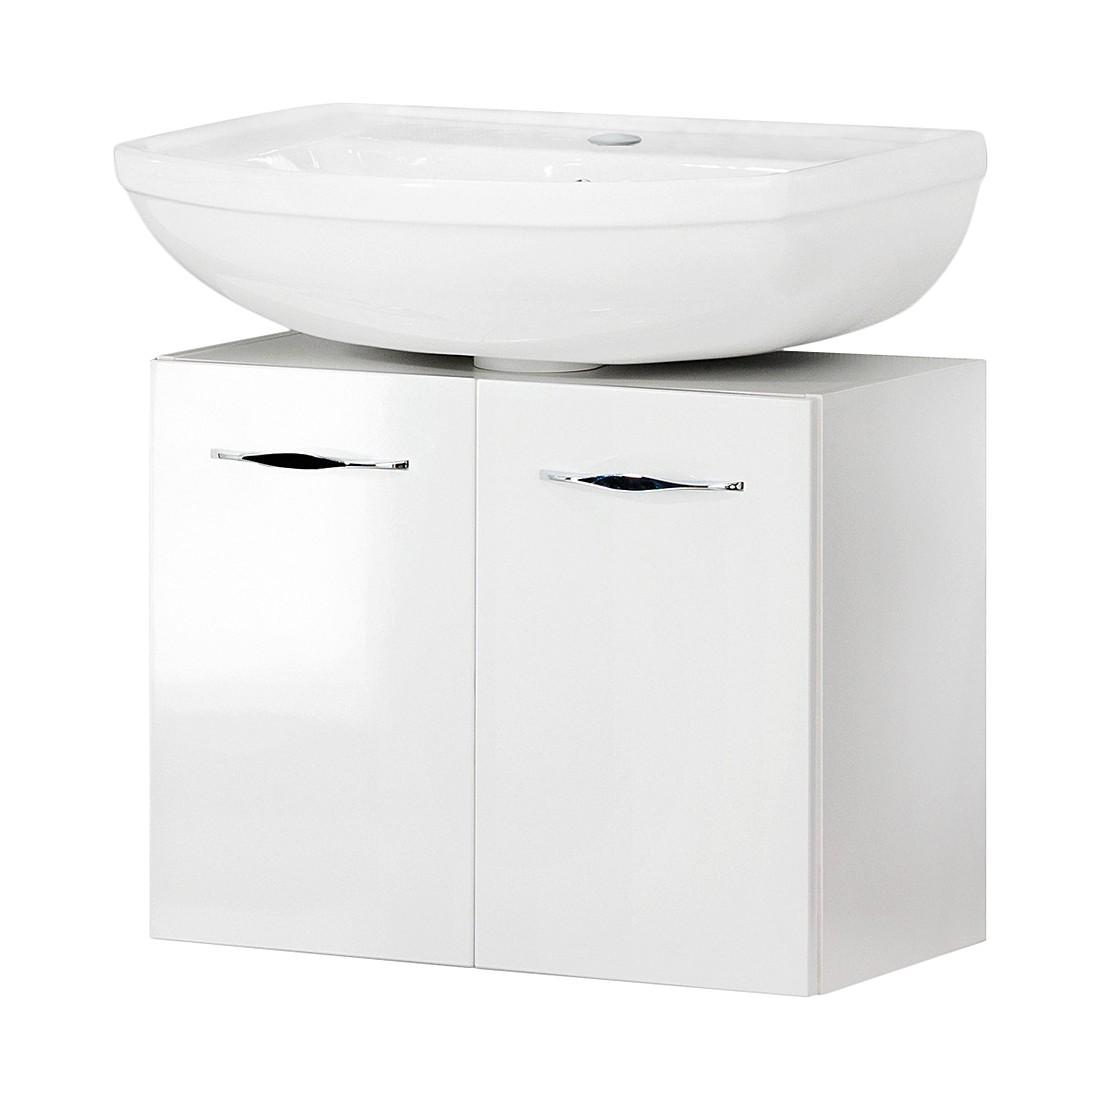 Waschbeckenunterschrank Sceno – Hochglanz Weiß, Fackelmann günstig kaufen